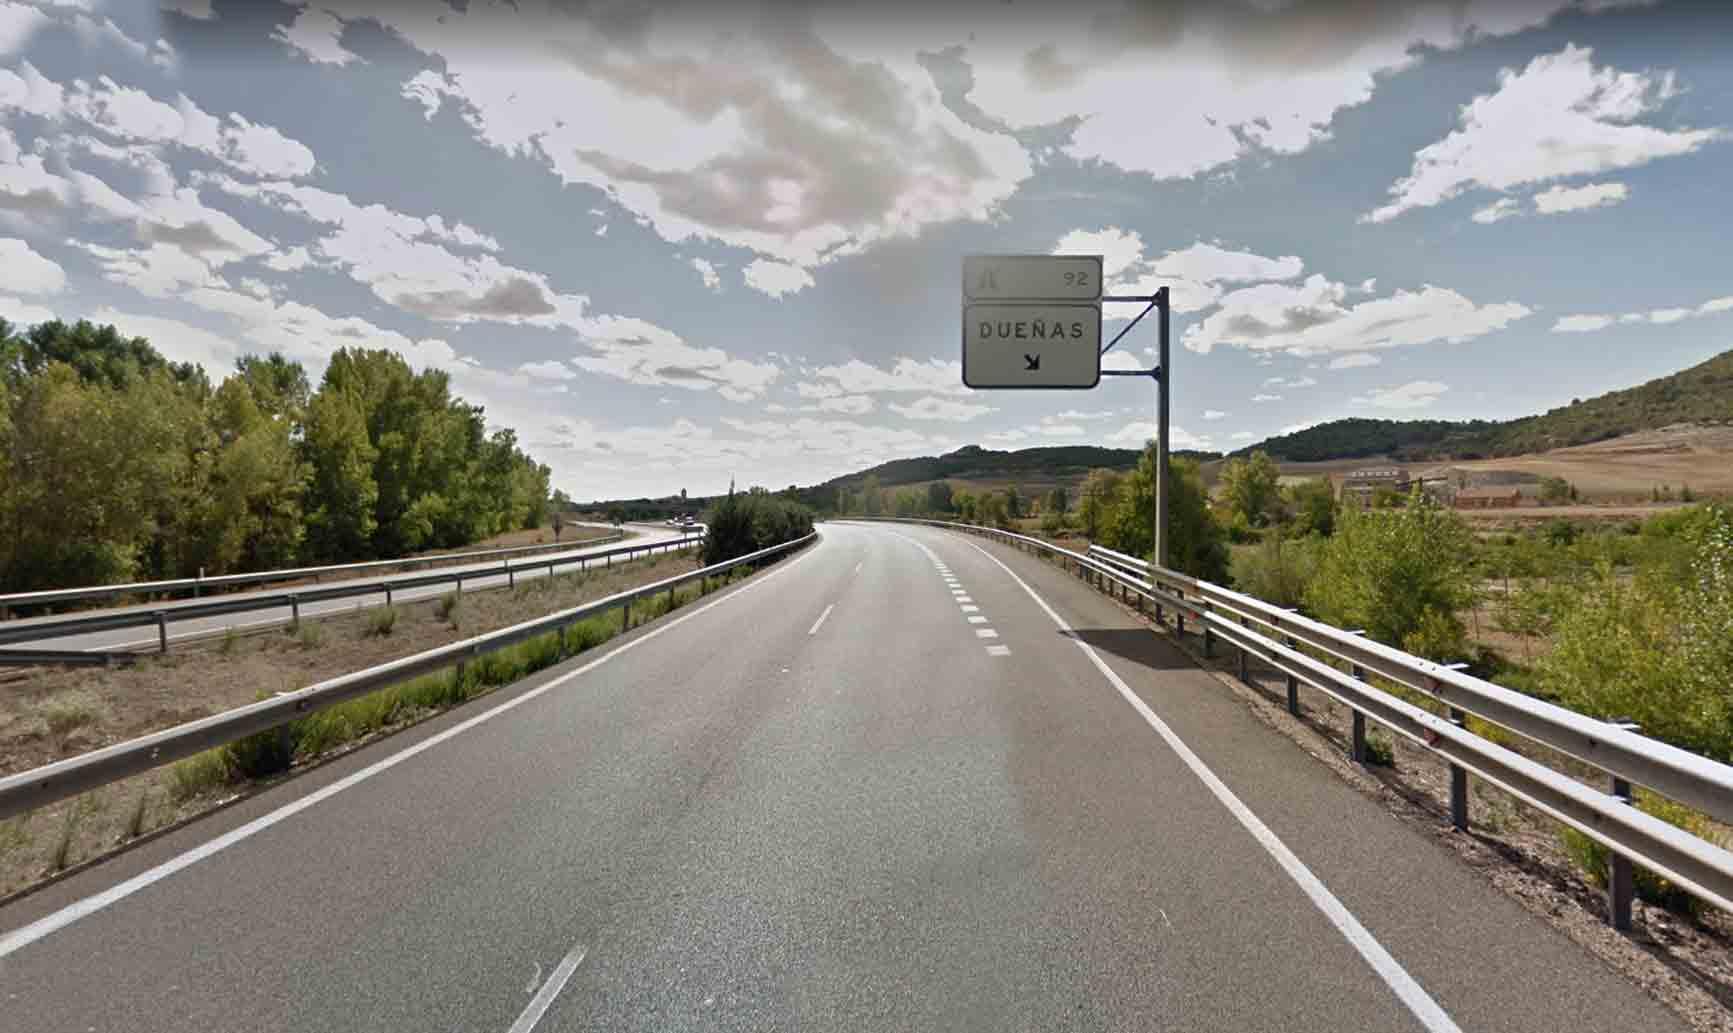 Necesitan 11 personas para importante fábrica de alimentación en Dueñas (Palencia)